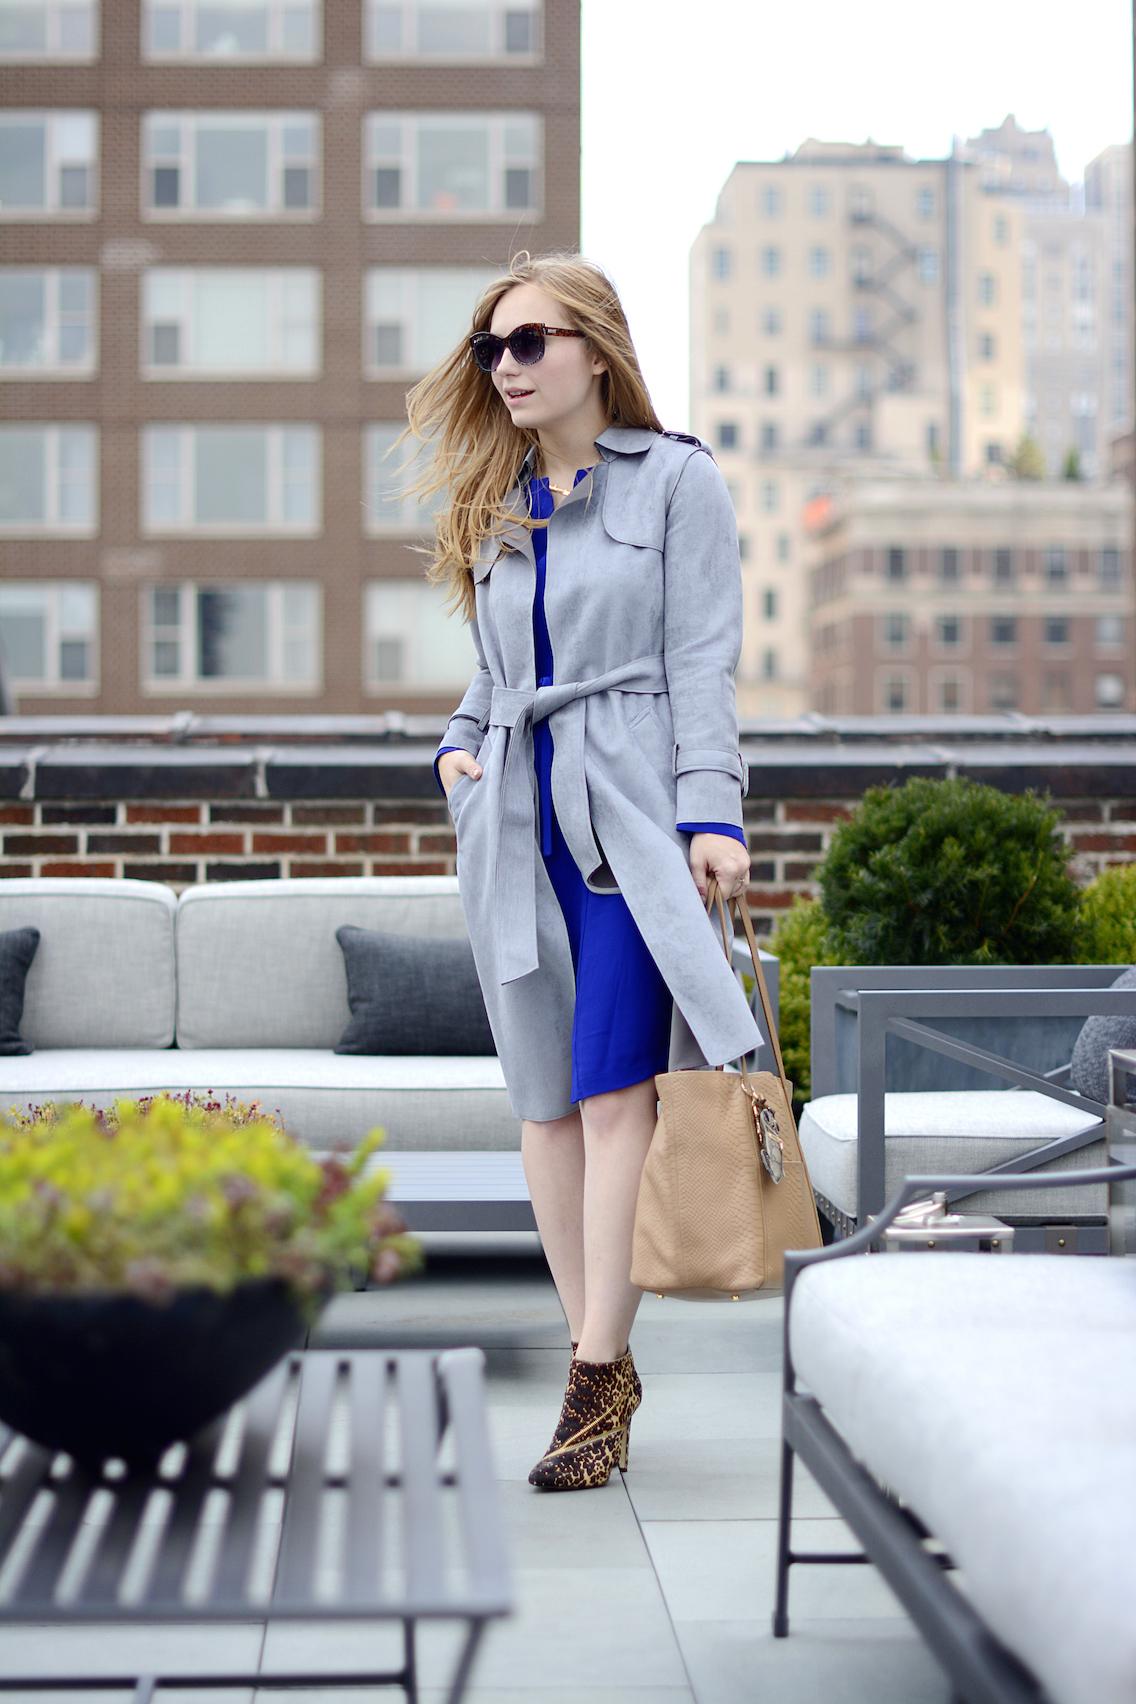 Choies Gray Suede Trench LK Bennett Blue Dress 9